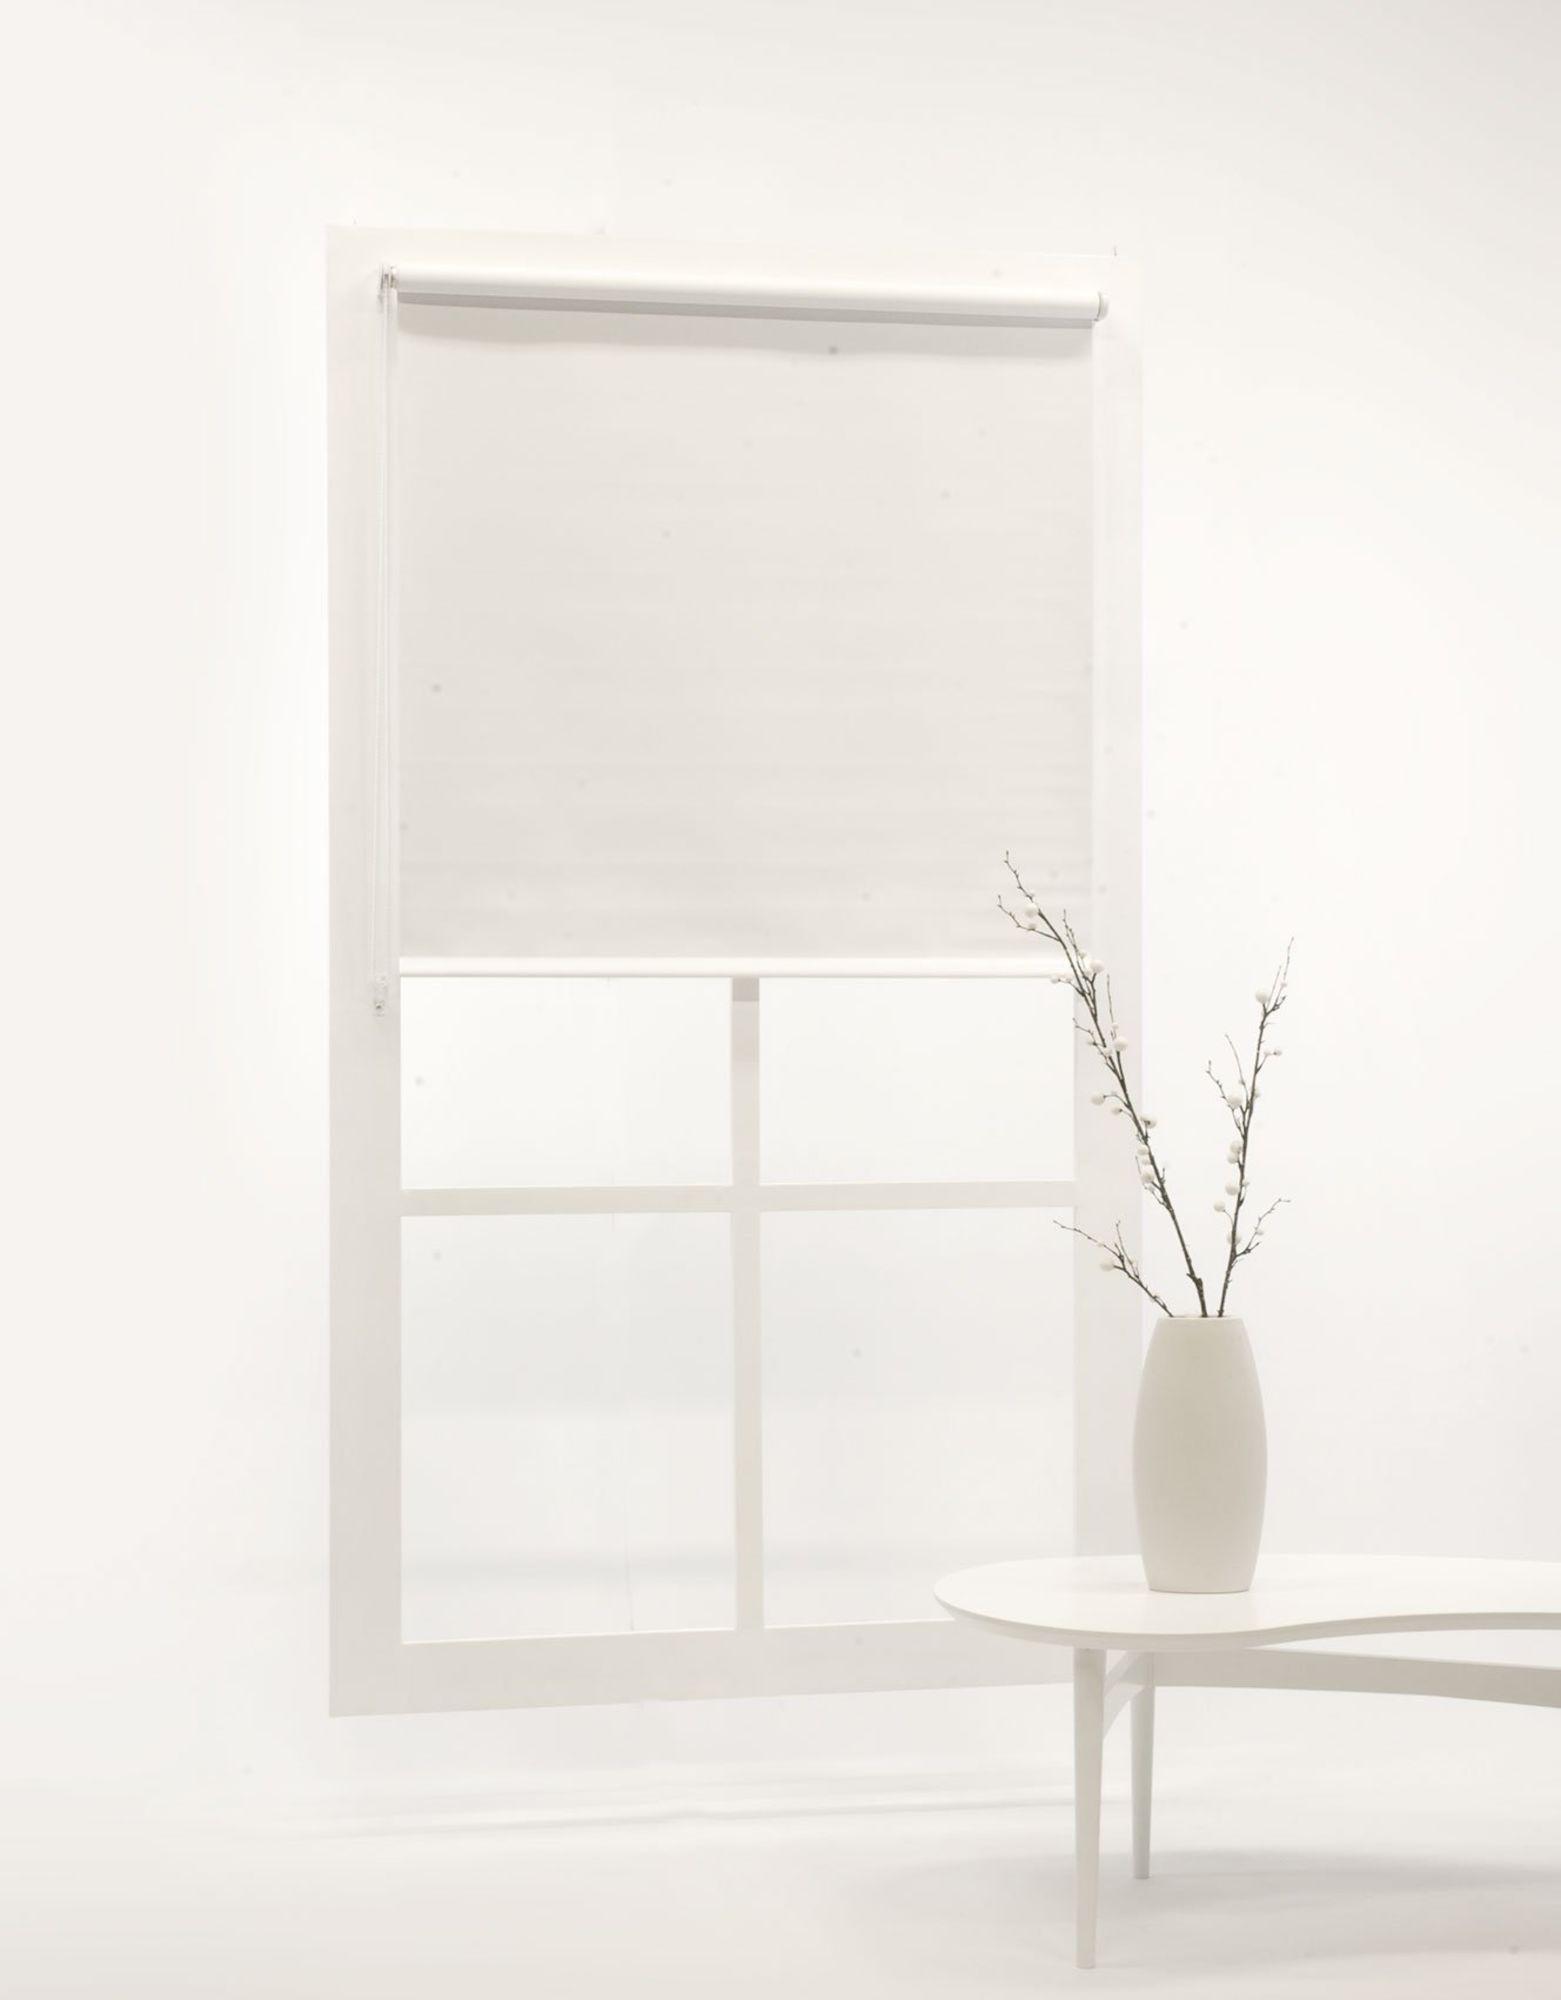 Hasta Blackout Rullgardin, White 100x185